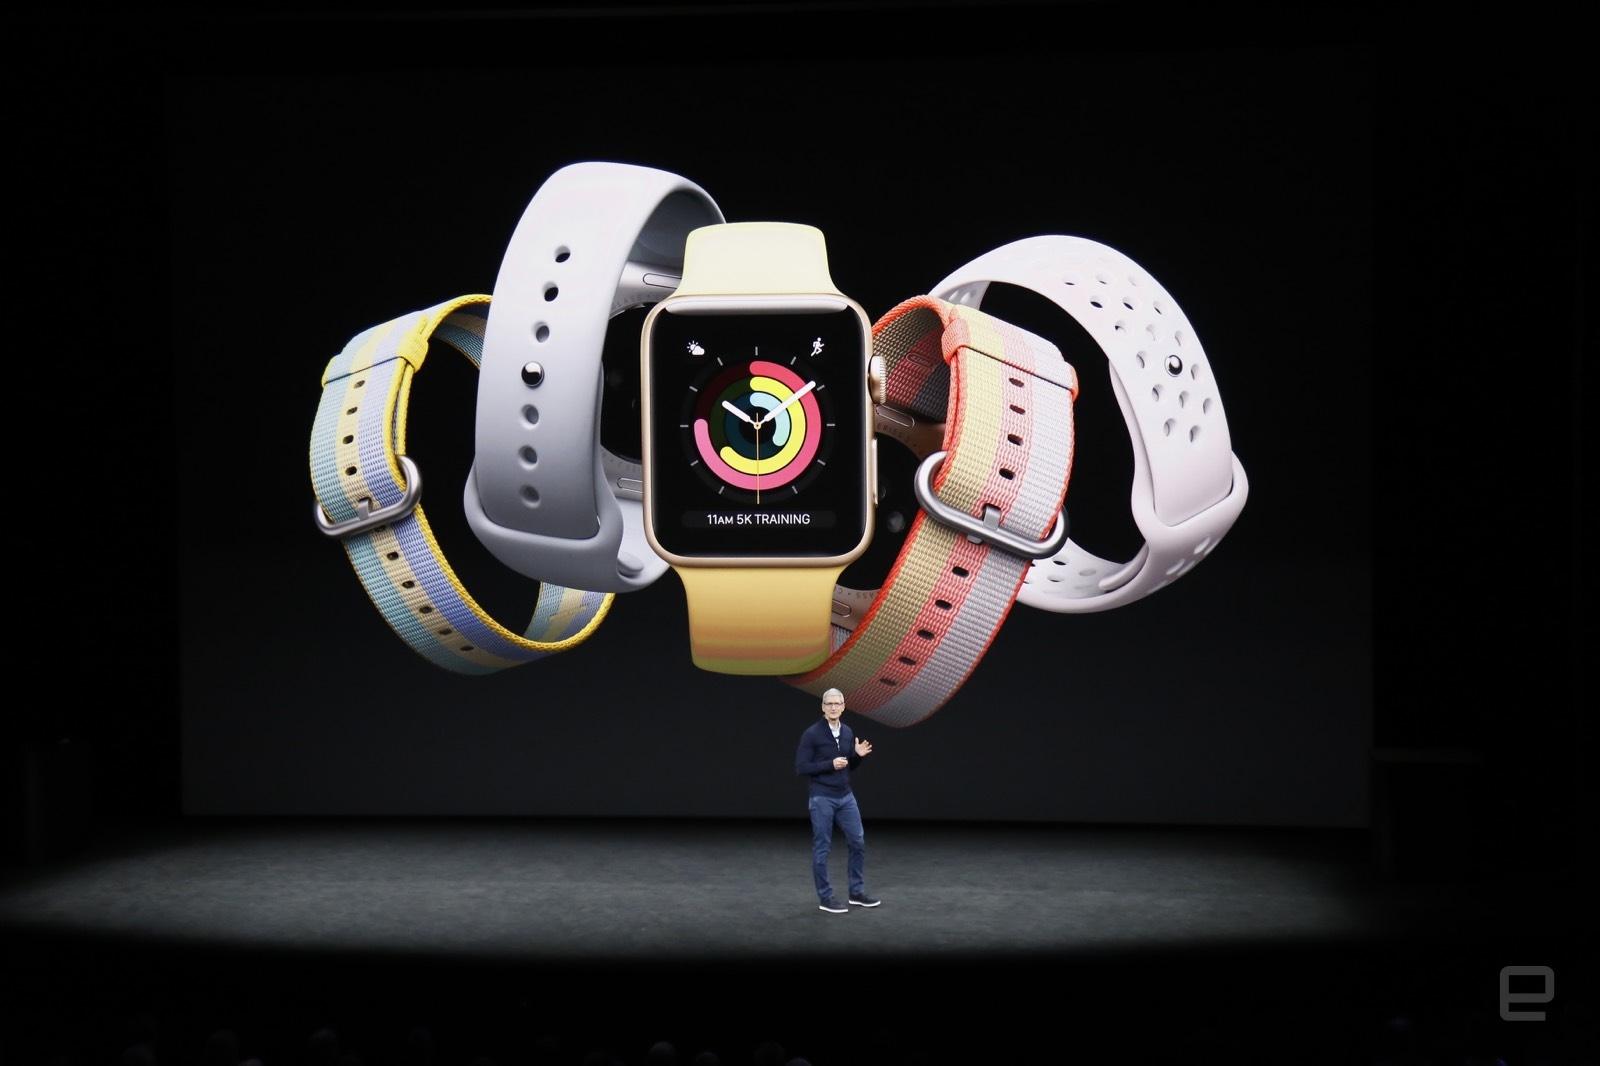 قیمت اپل واچ 3 LTE